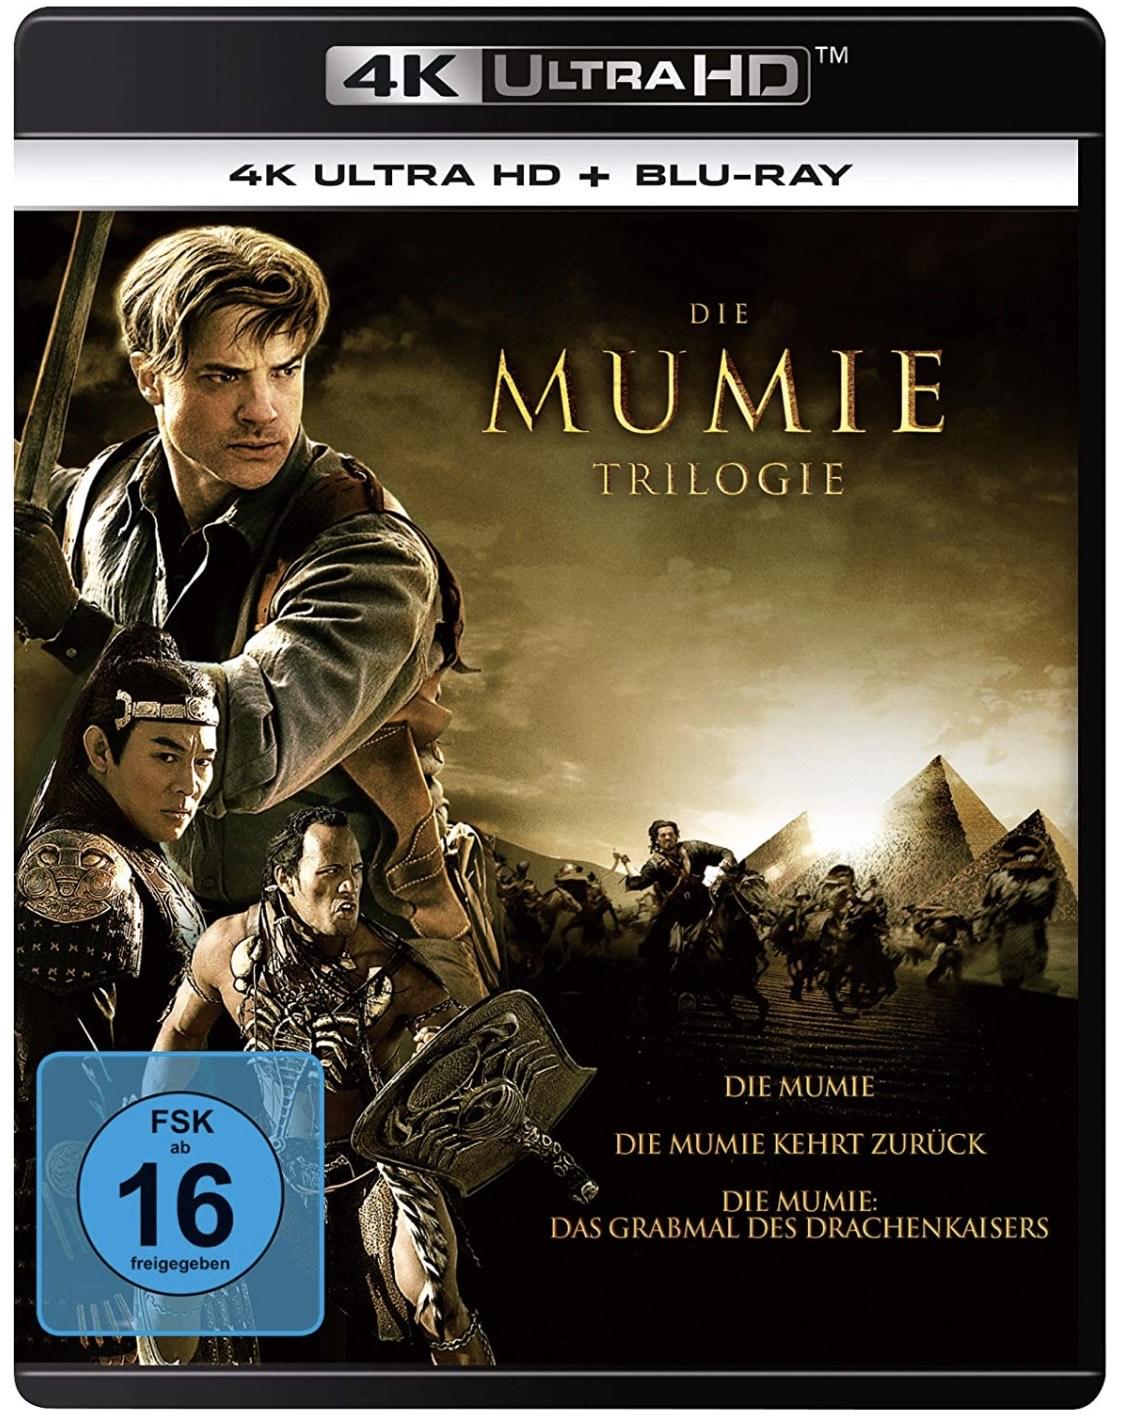 Die Mumie Trilogie (3 x 4K Ultra HD) (+ 3 x Blu-rays) | Bestpreis